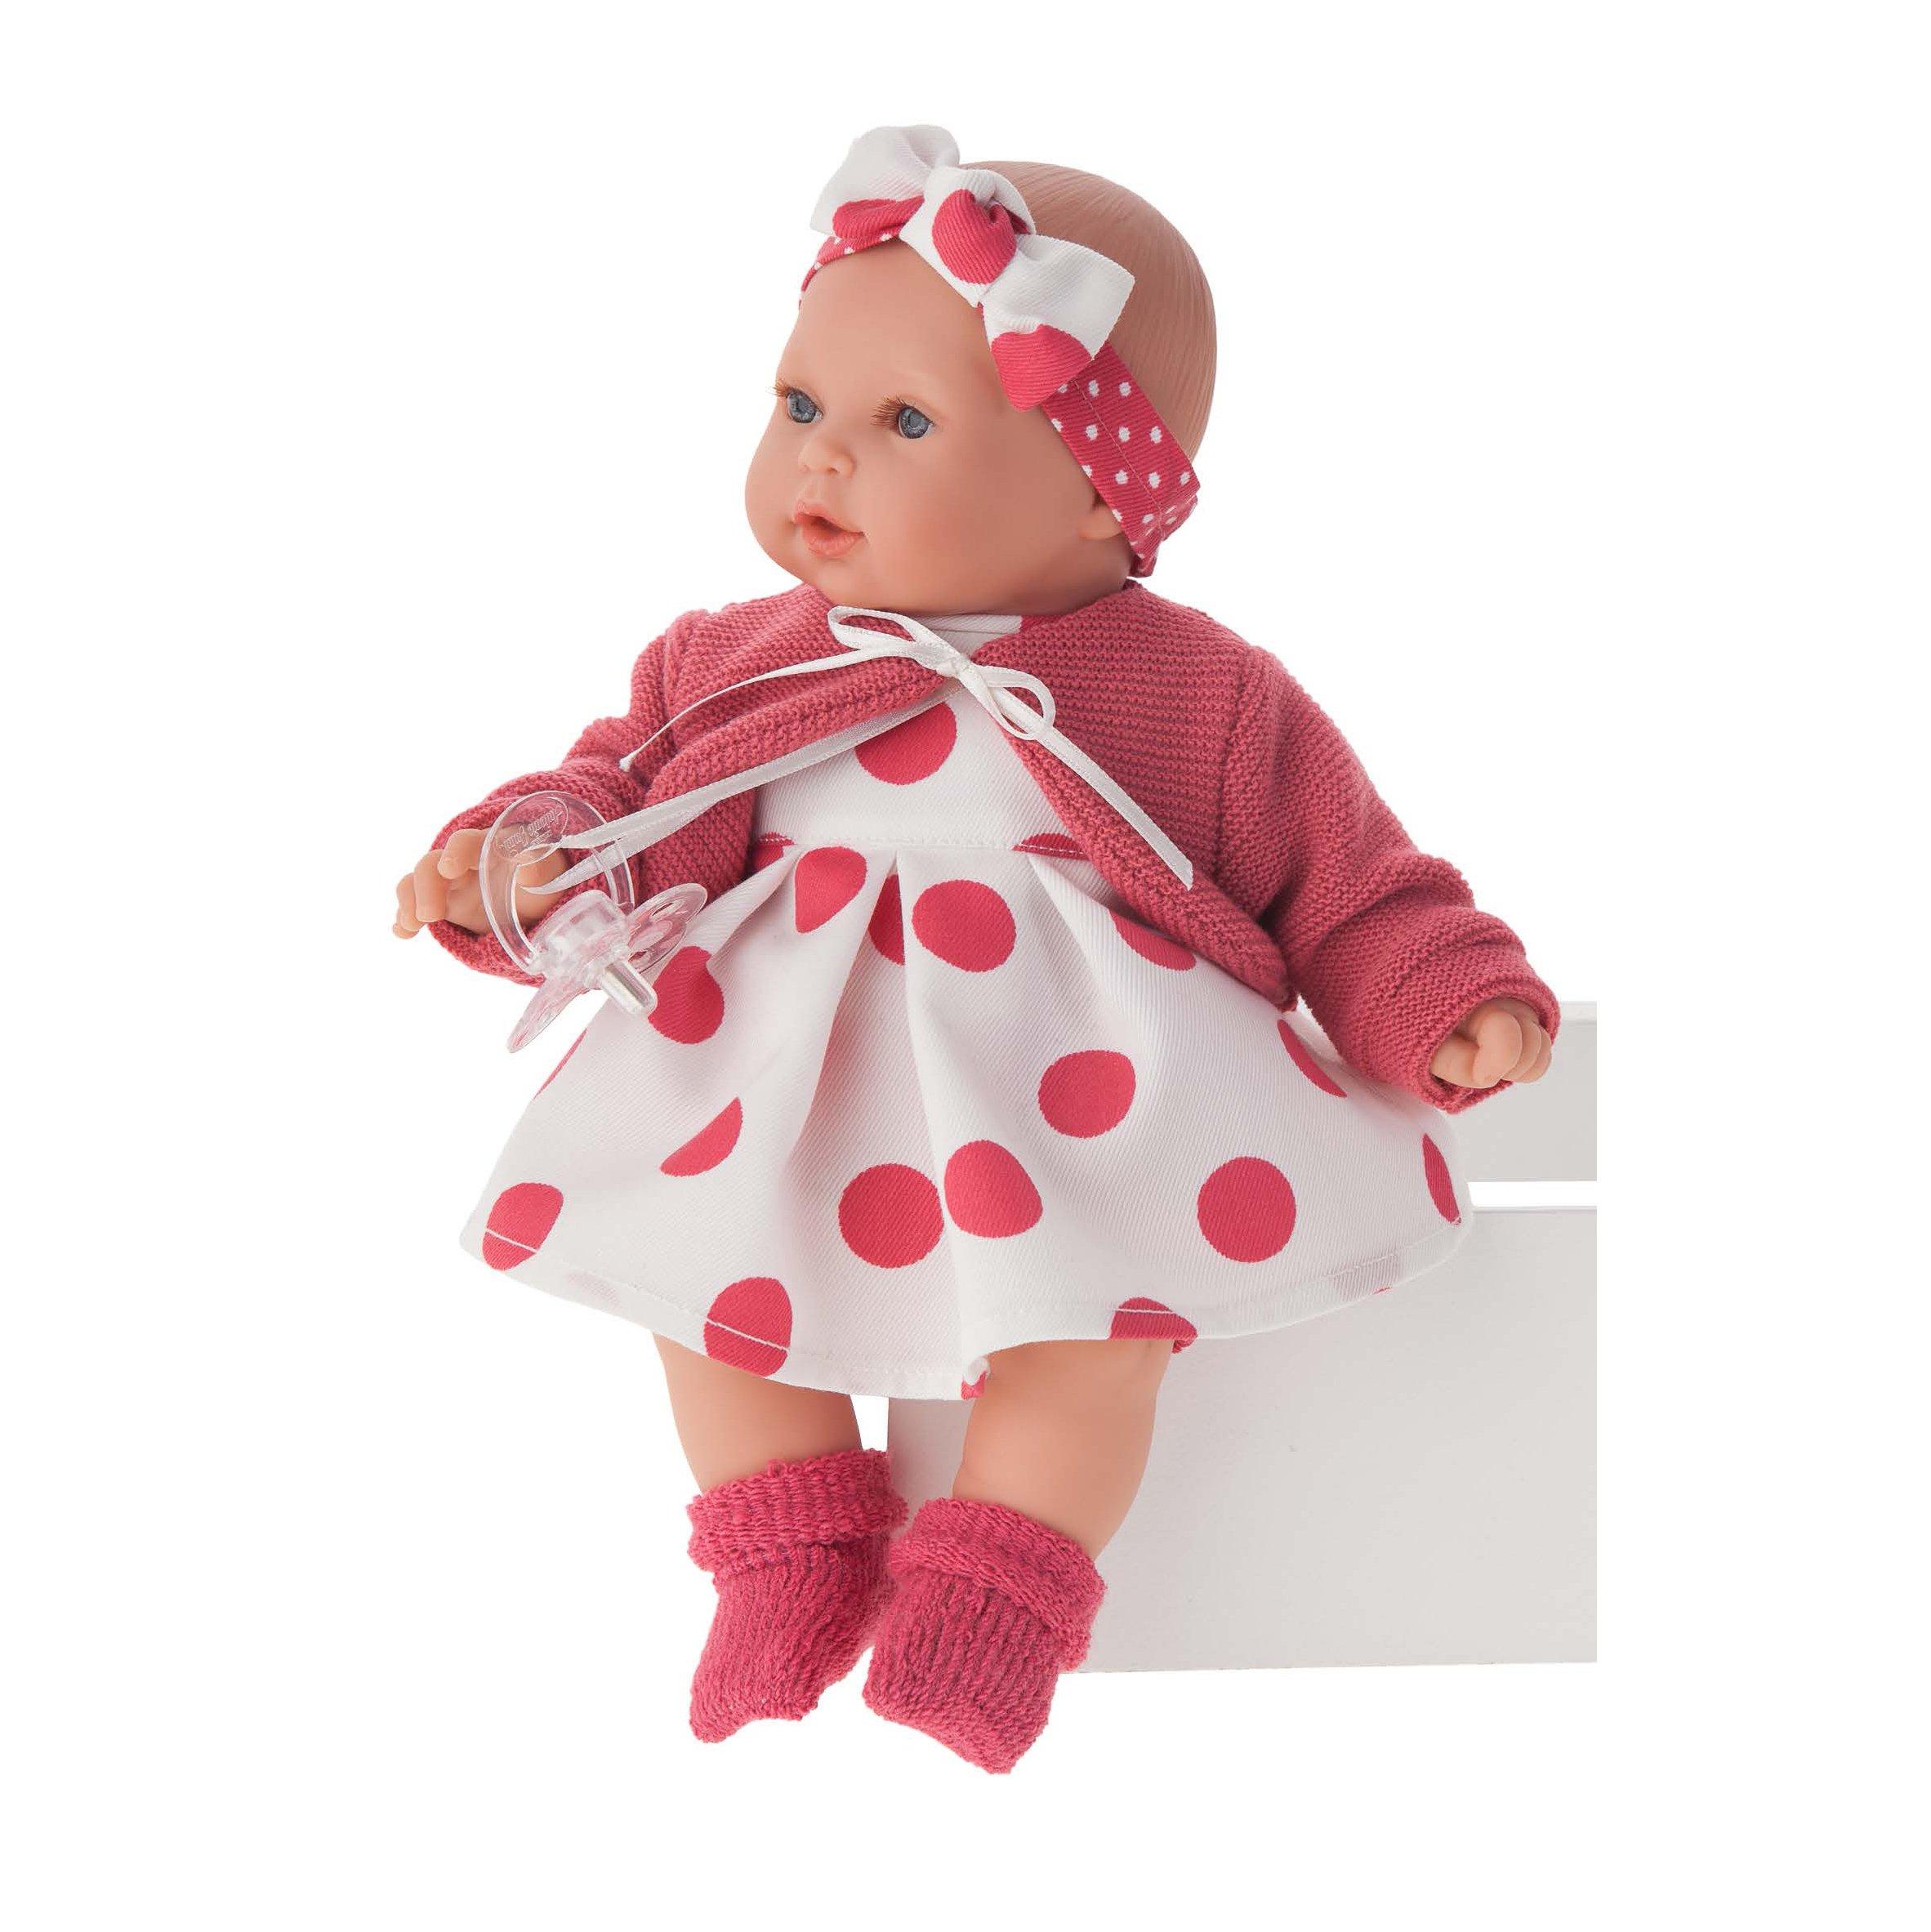 Papusa fetita cu mecanism Kika Lunares Rojos, cu hainute rosii, 27 cm, Antonio Juan